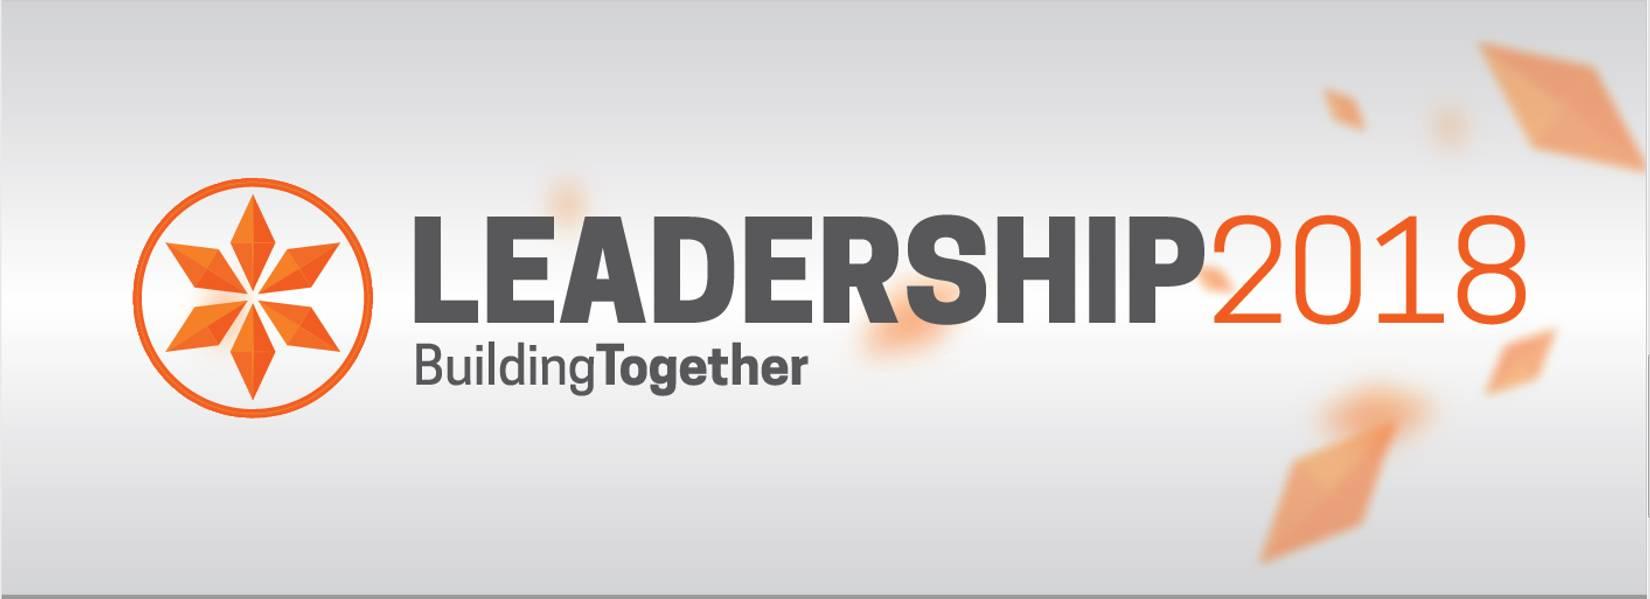 Leadership_2018.png